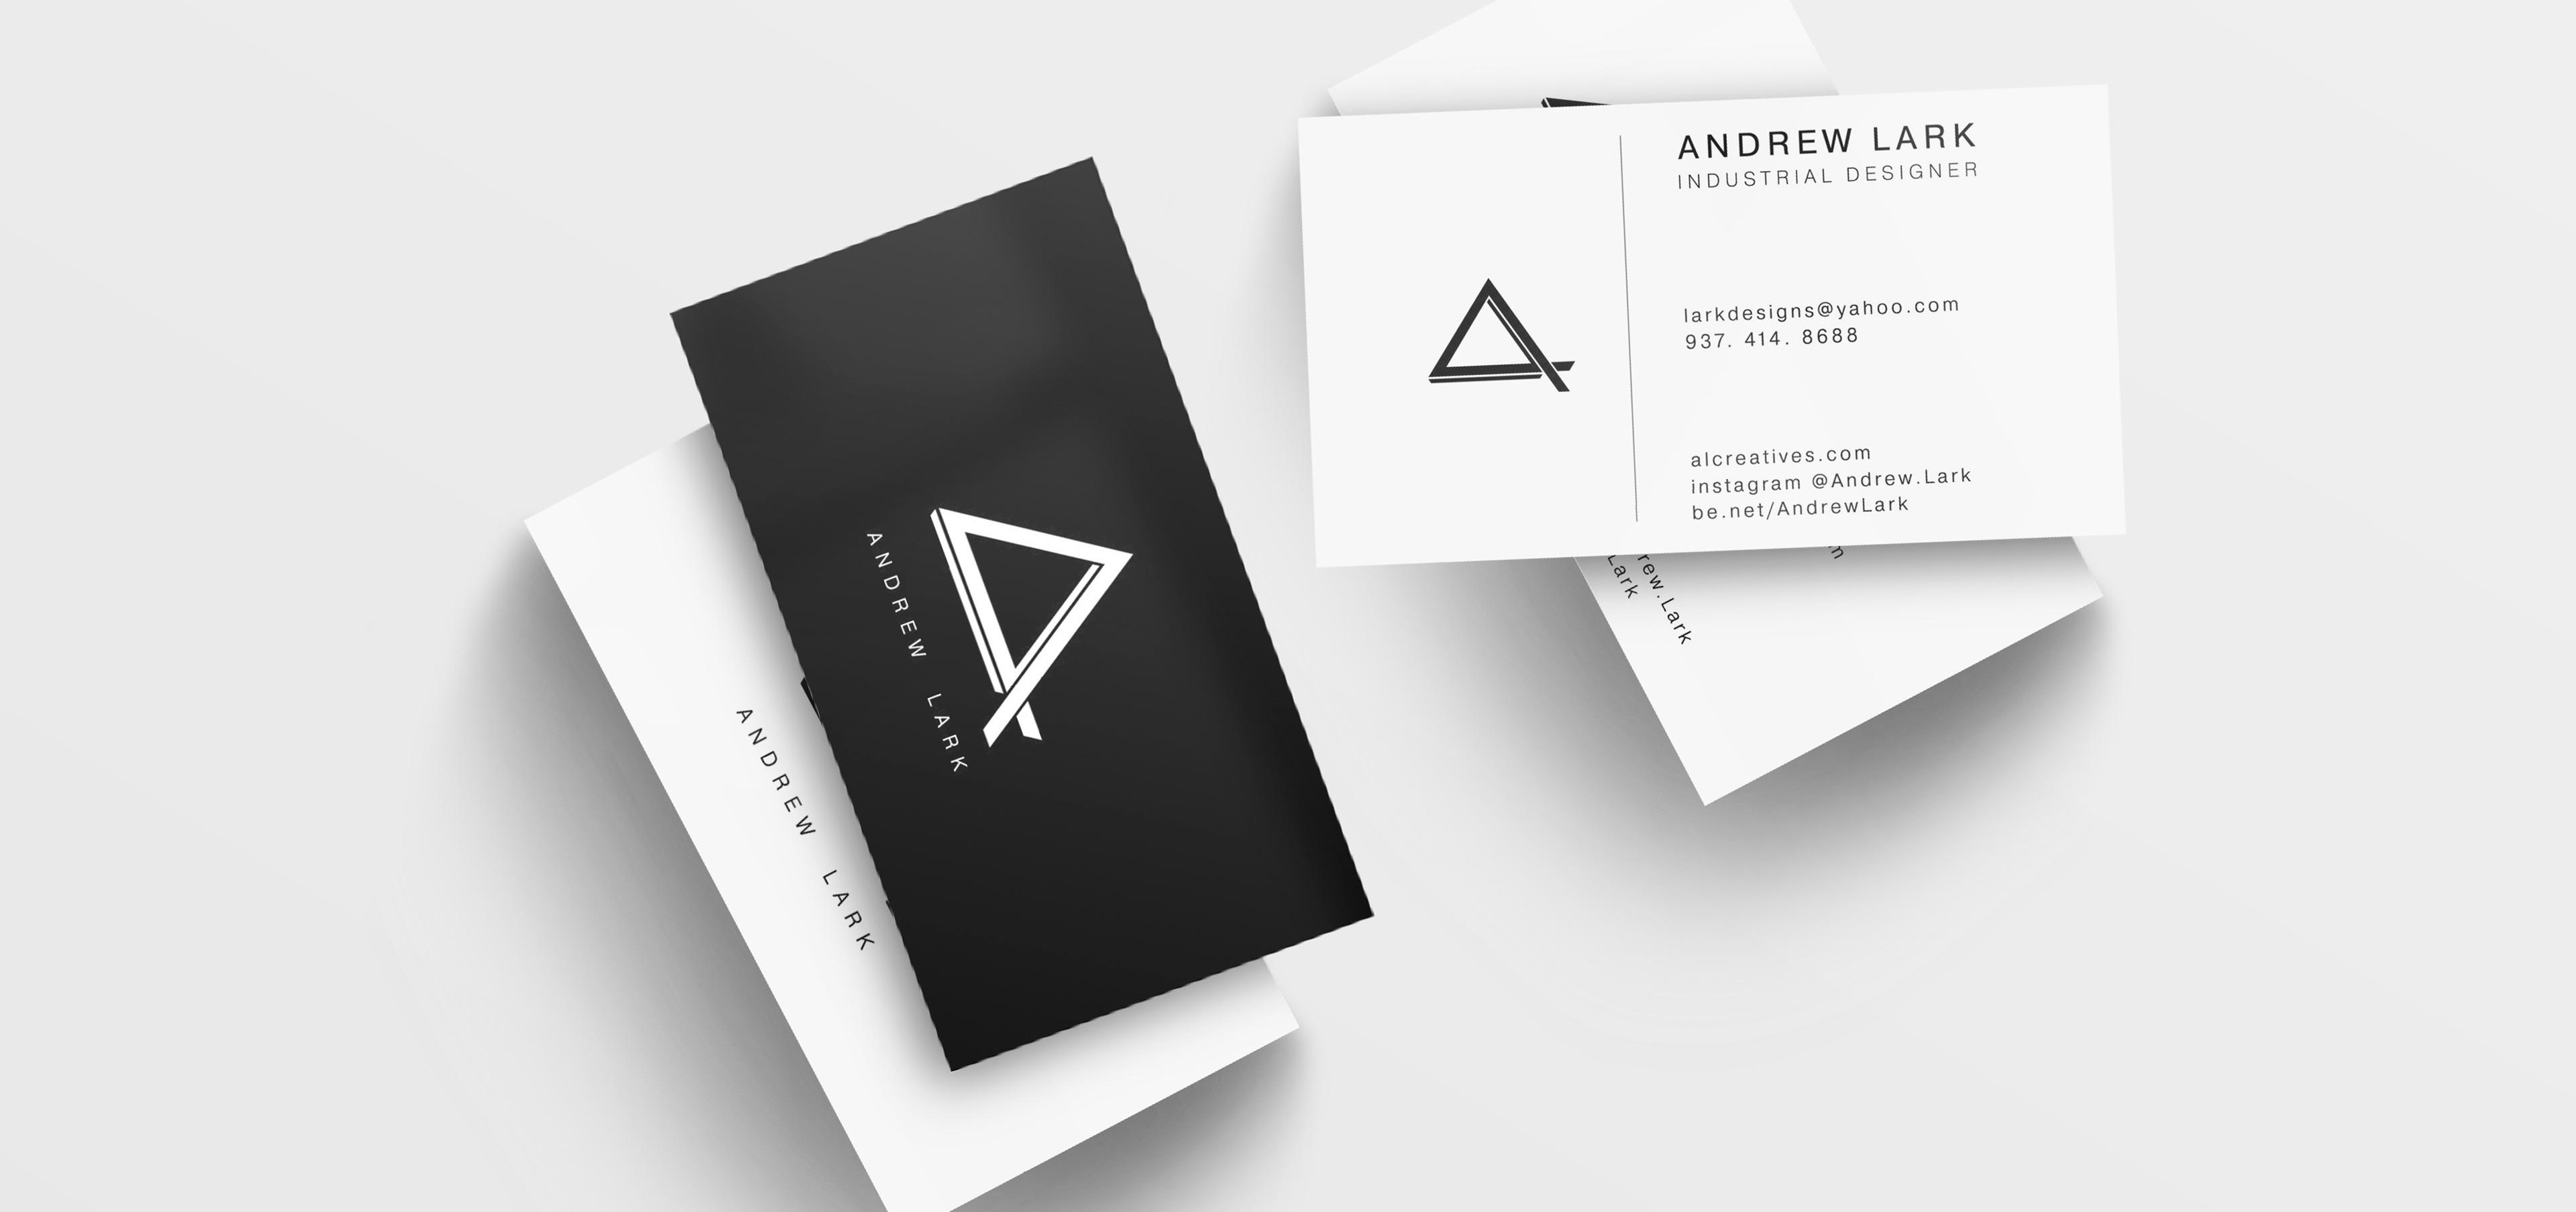 Andrew Lark - Andrew Lark 2018 Branding